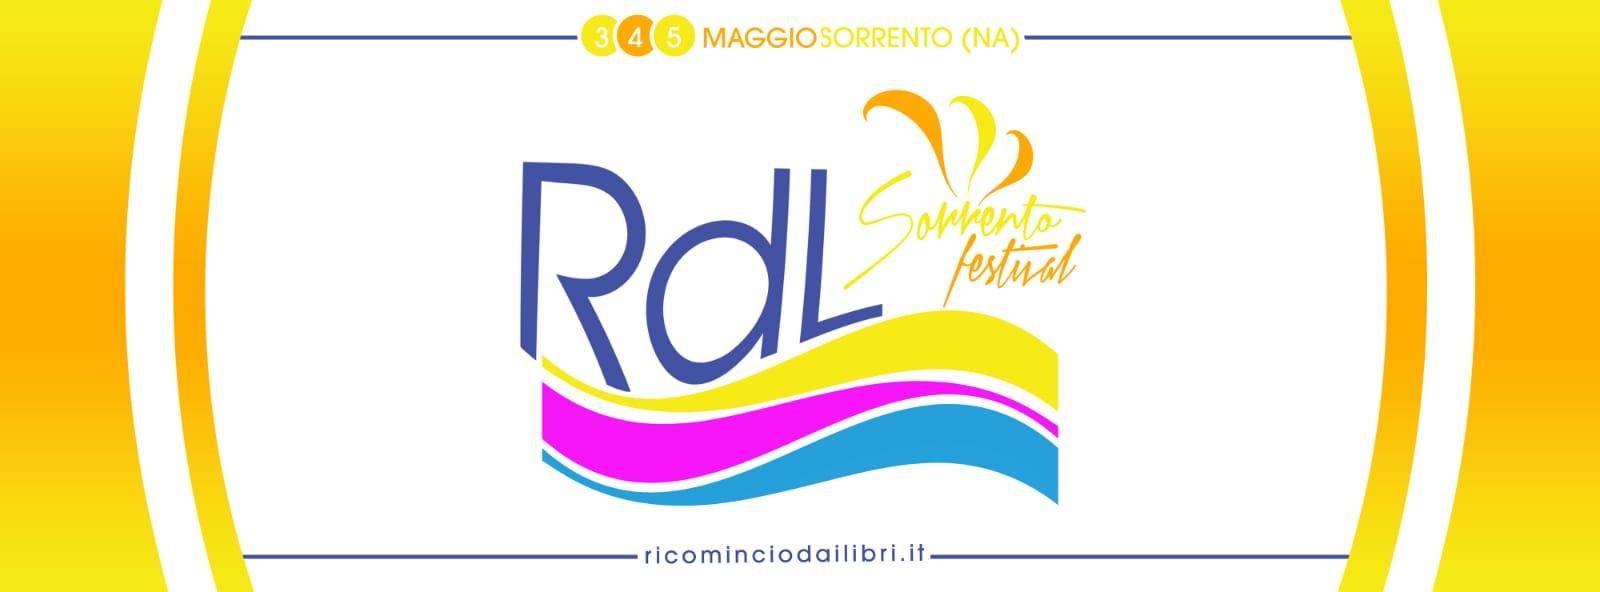 Ricomincio dai libri: la prima edizione del festival arriva a Sorrento dal 3 al 5 maggio